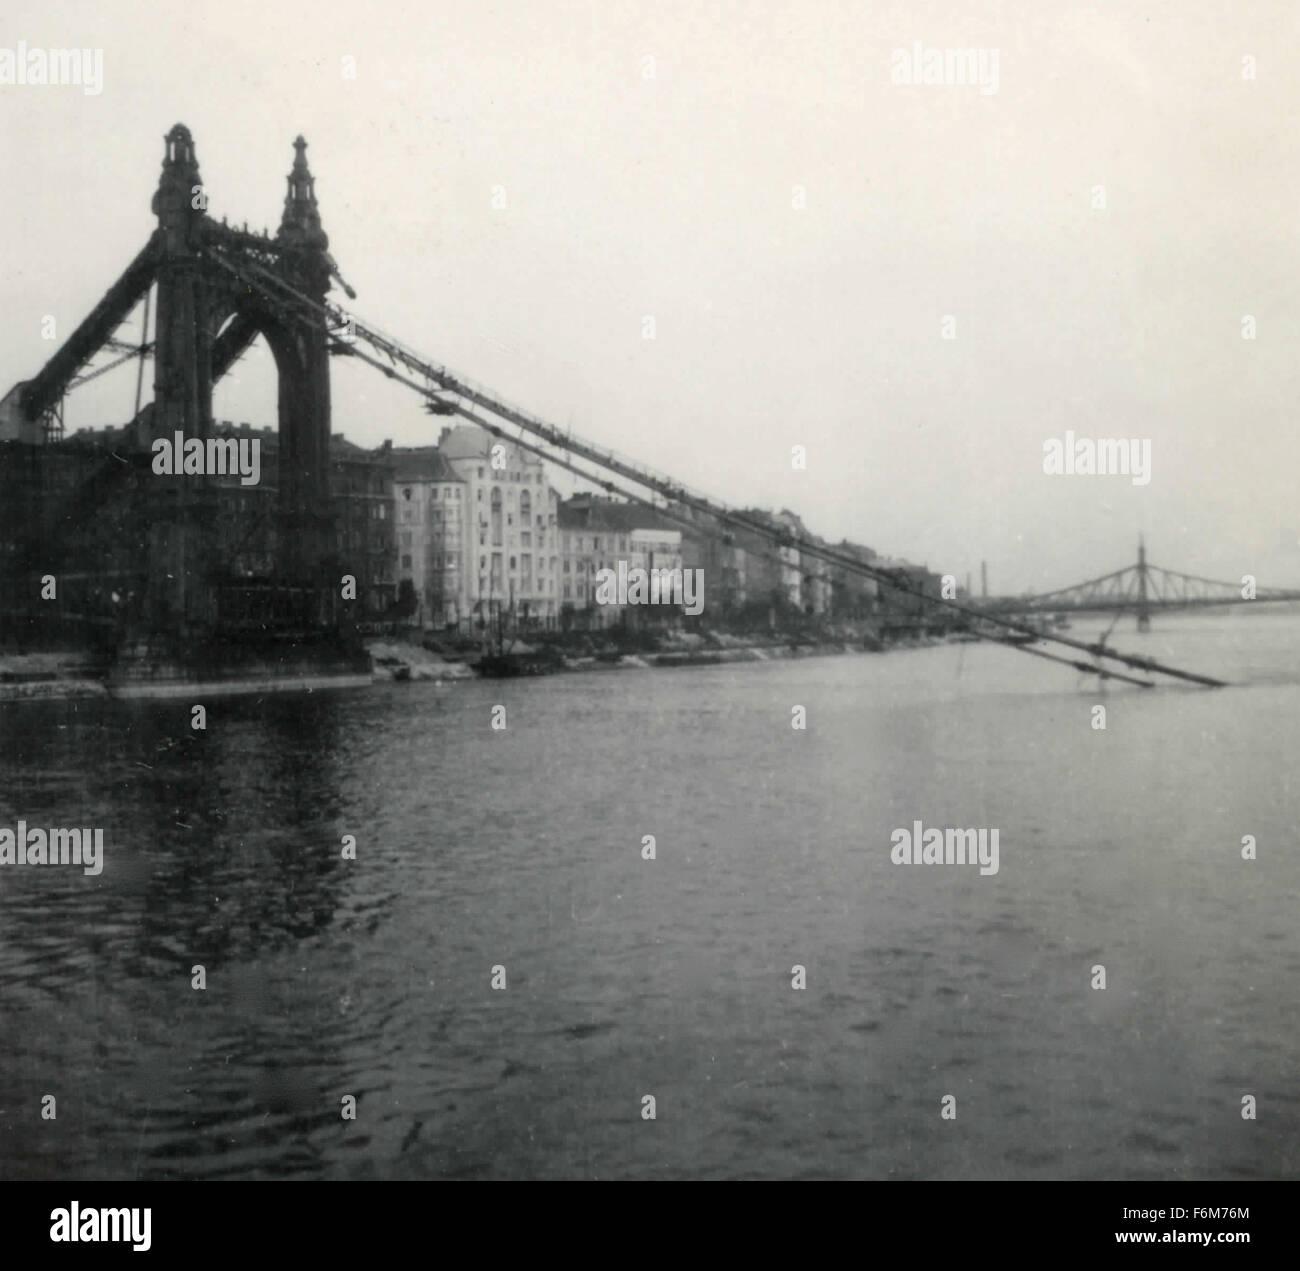 Destroyed bridge, Budapest, Hungary - Stock Image